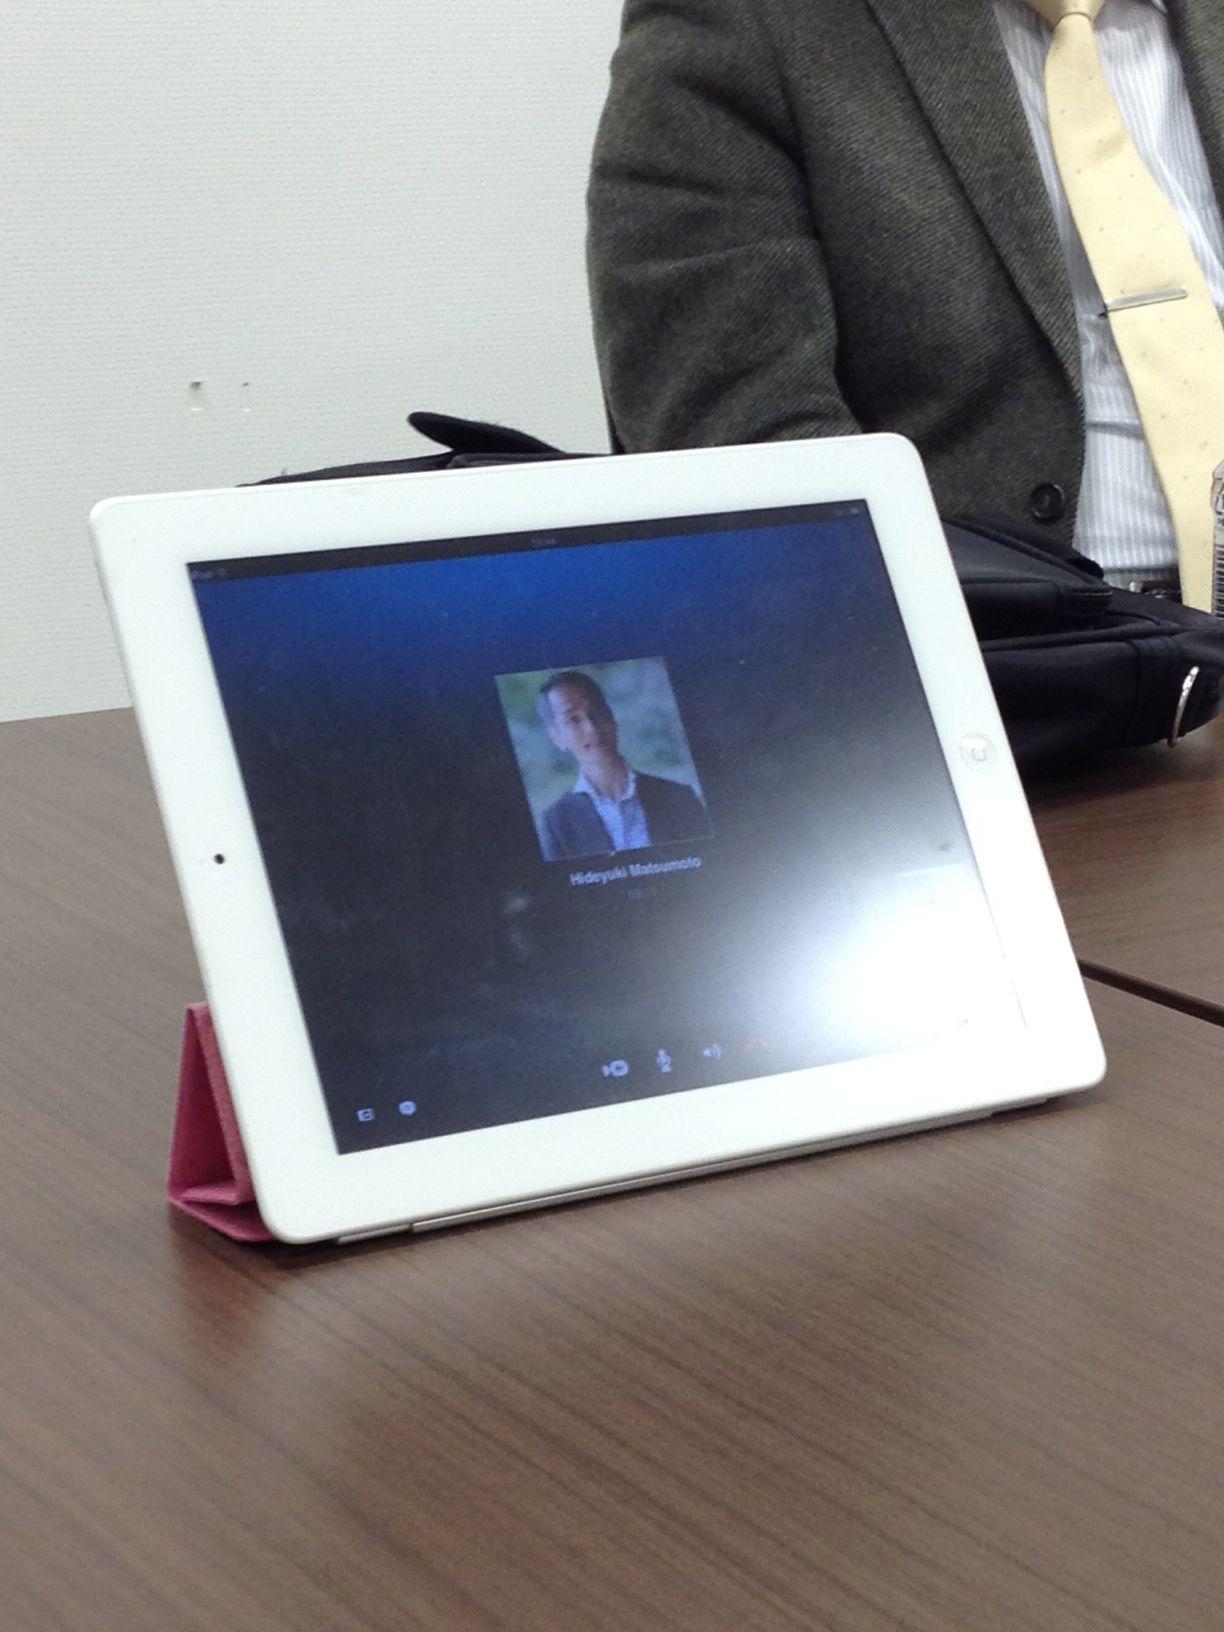 松本先生はスカイプで打ち合わせに参加されました。